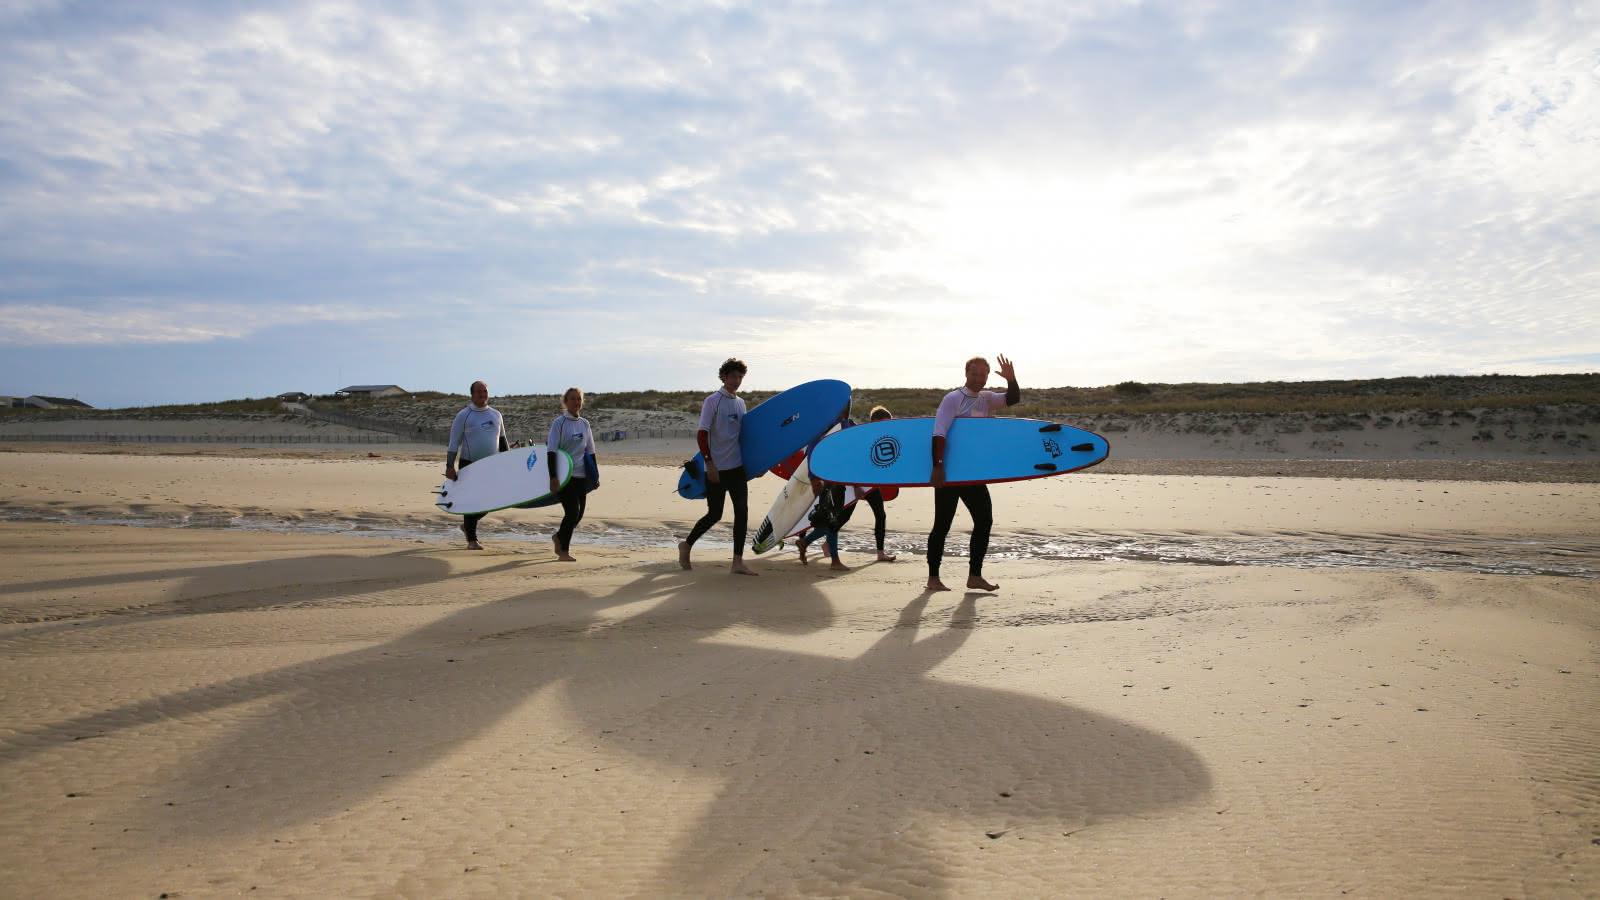 © Djé - 1 moment 1 image surf